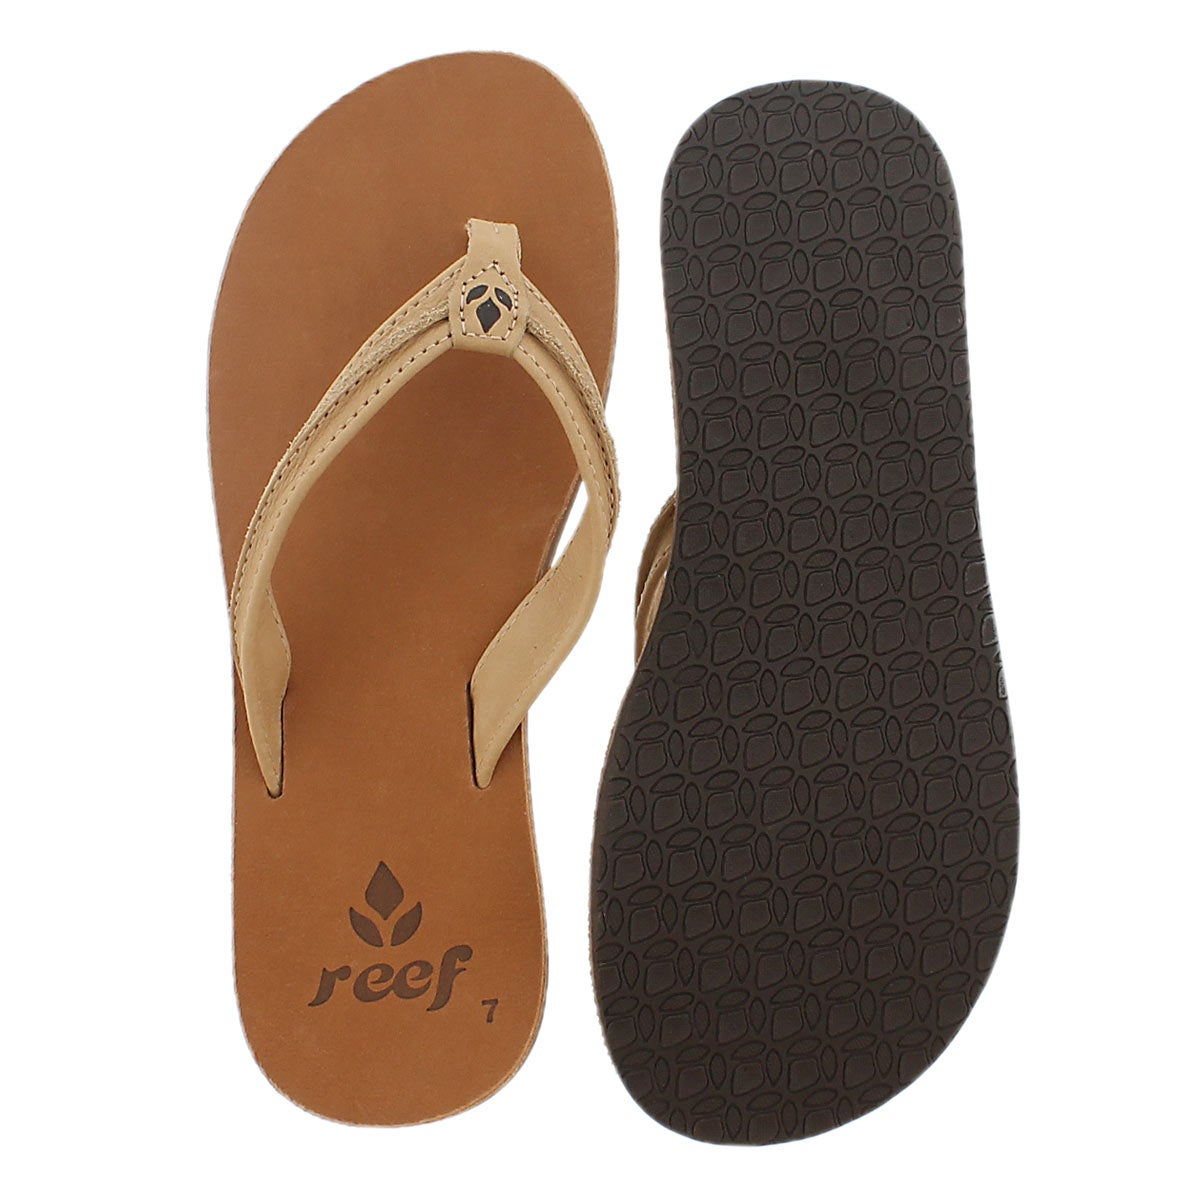 Lds Swing 2 tan/brown thong sandal